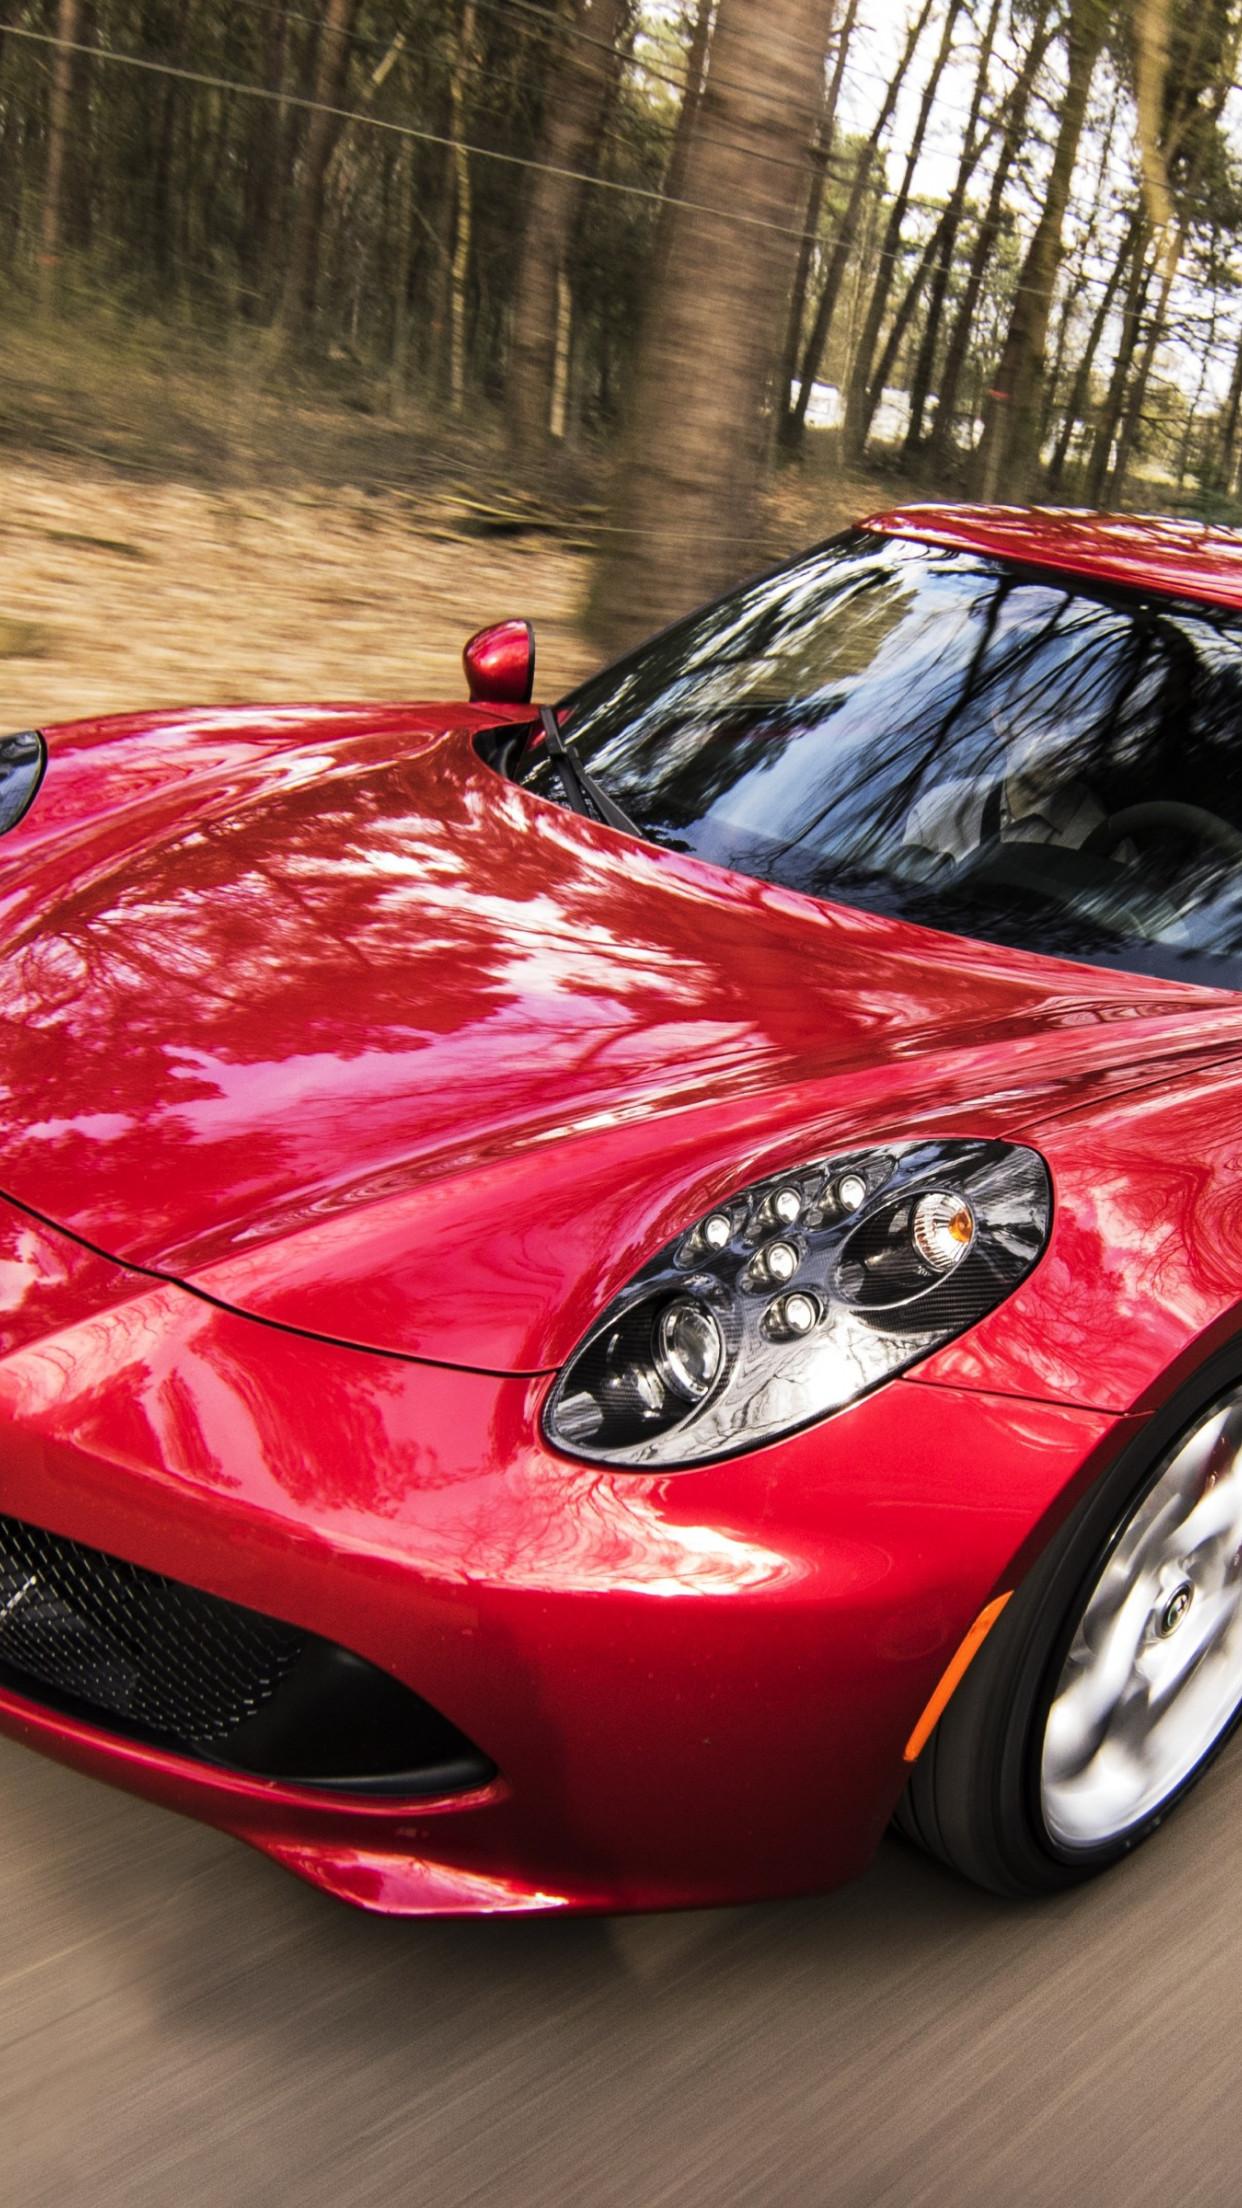 Download Wallpaper Alfa Romeo 4c Coupe 1242x2208